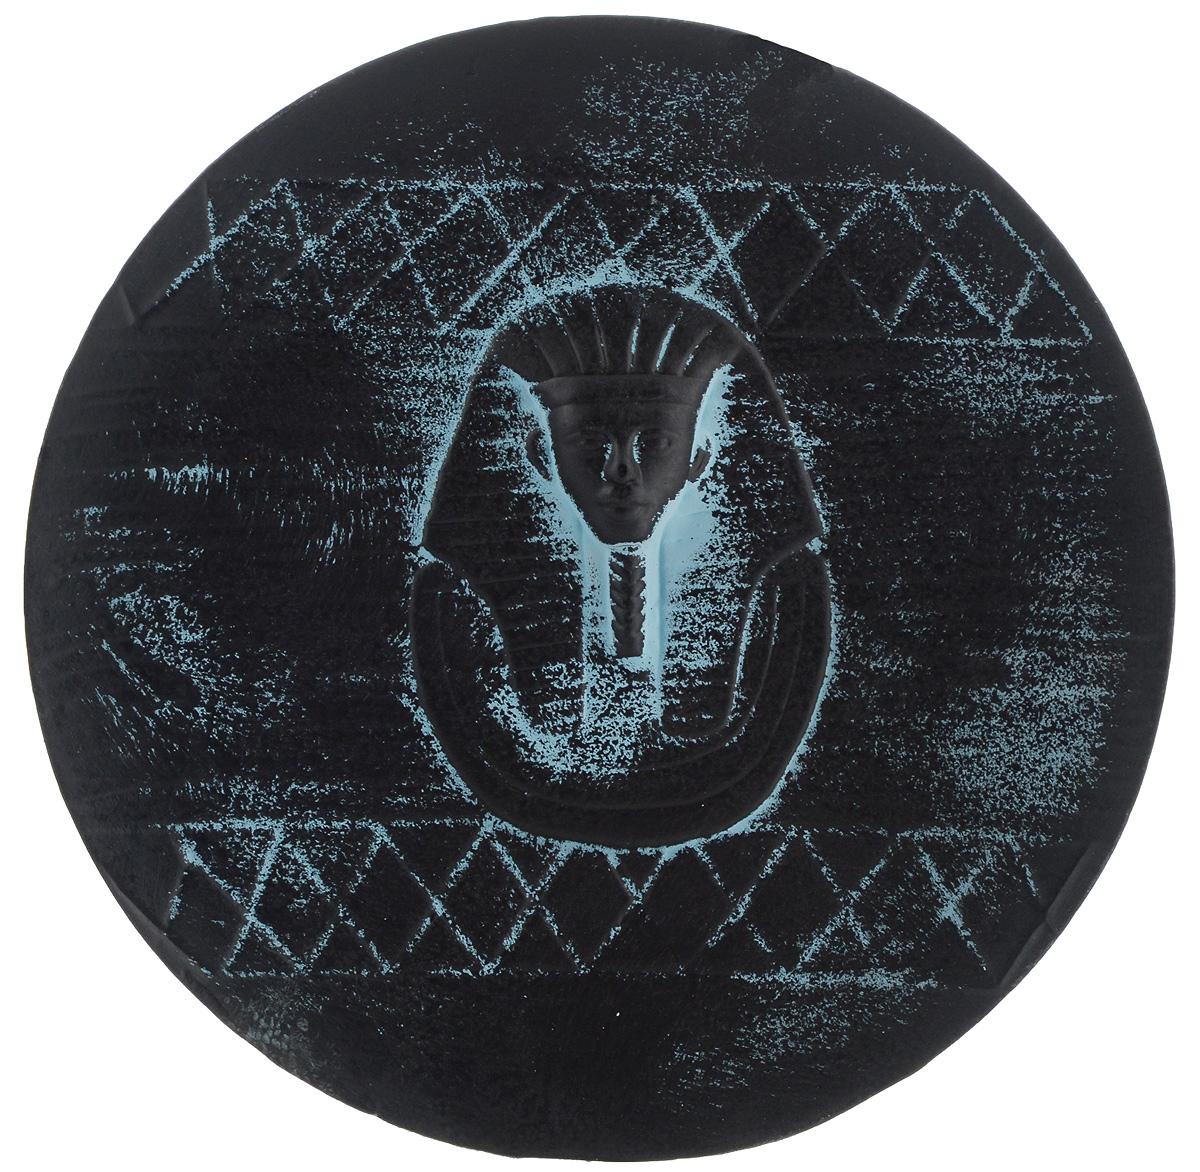 Тарелка декоративная House & Holder, диаметр 22 см. PX90474PX90474Тарелка House & Holder выполнена из высококачественной керамики. Тарелка круглой формы украшена оригинальным принтом. Она сочетает в себе оригинальный дизайн с максимальной функциональностью. Диаметр тарелки: 22 см. Высота: 2,2 см.